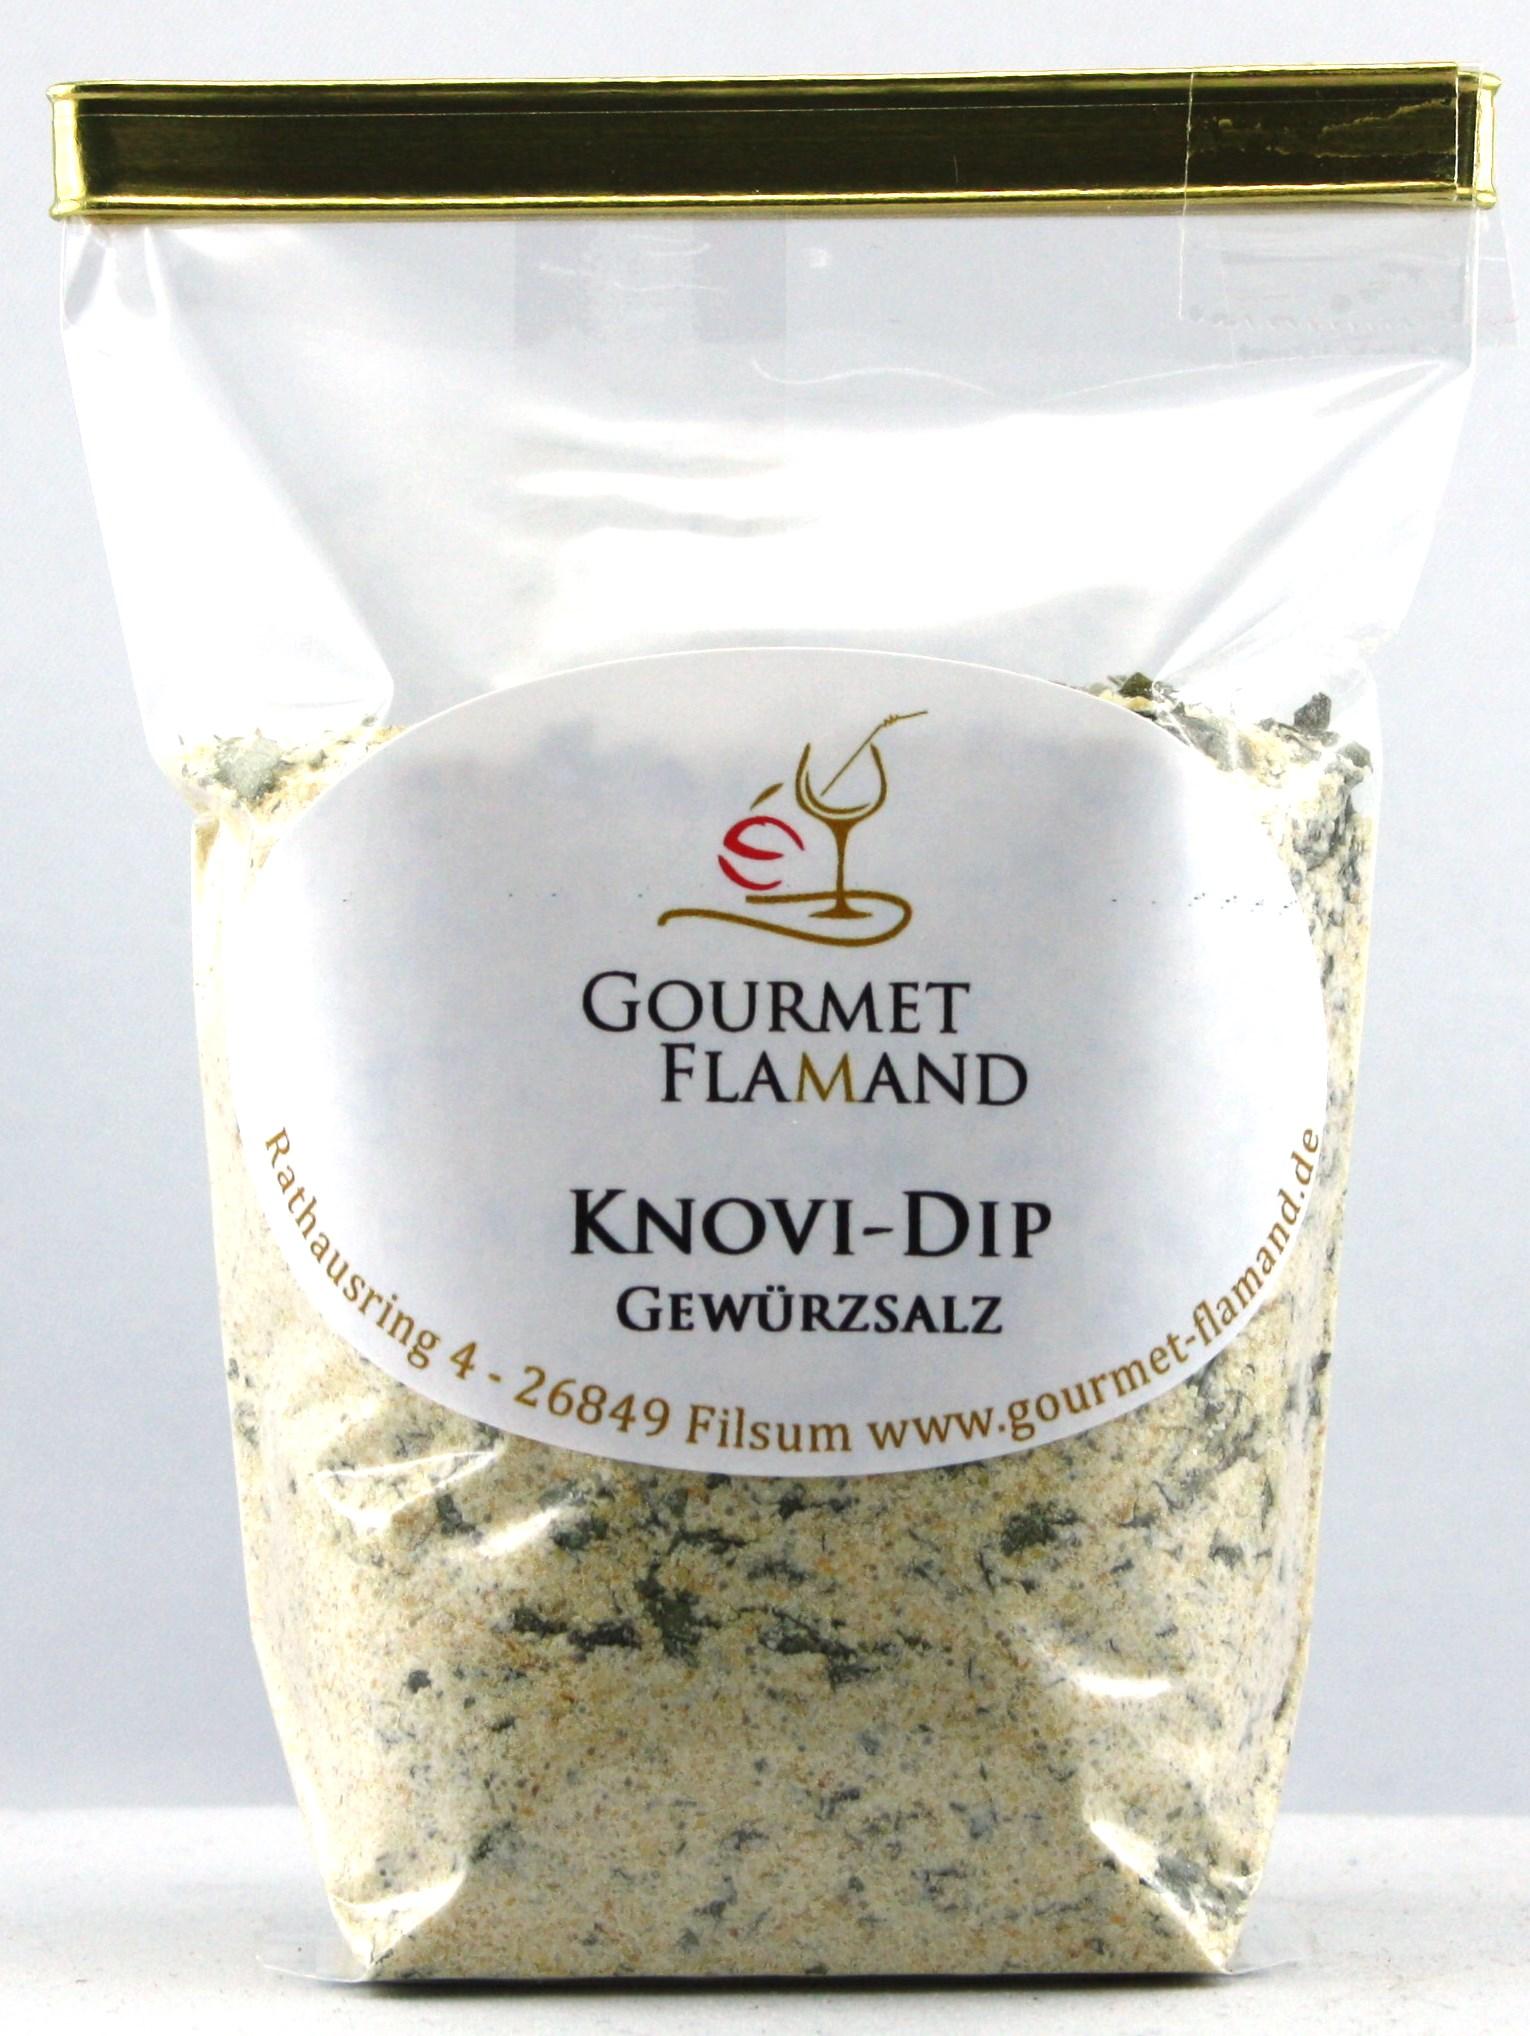 Knovi-Dip